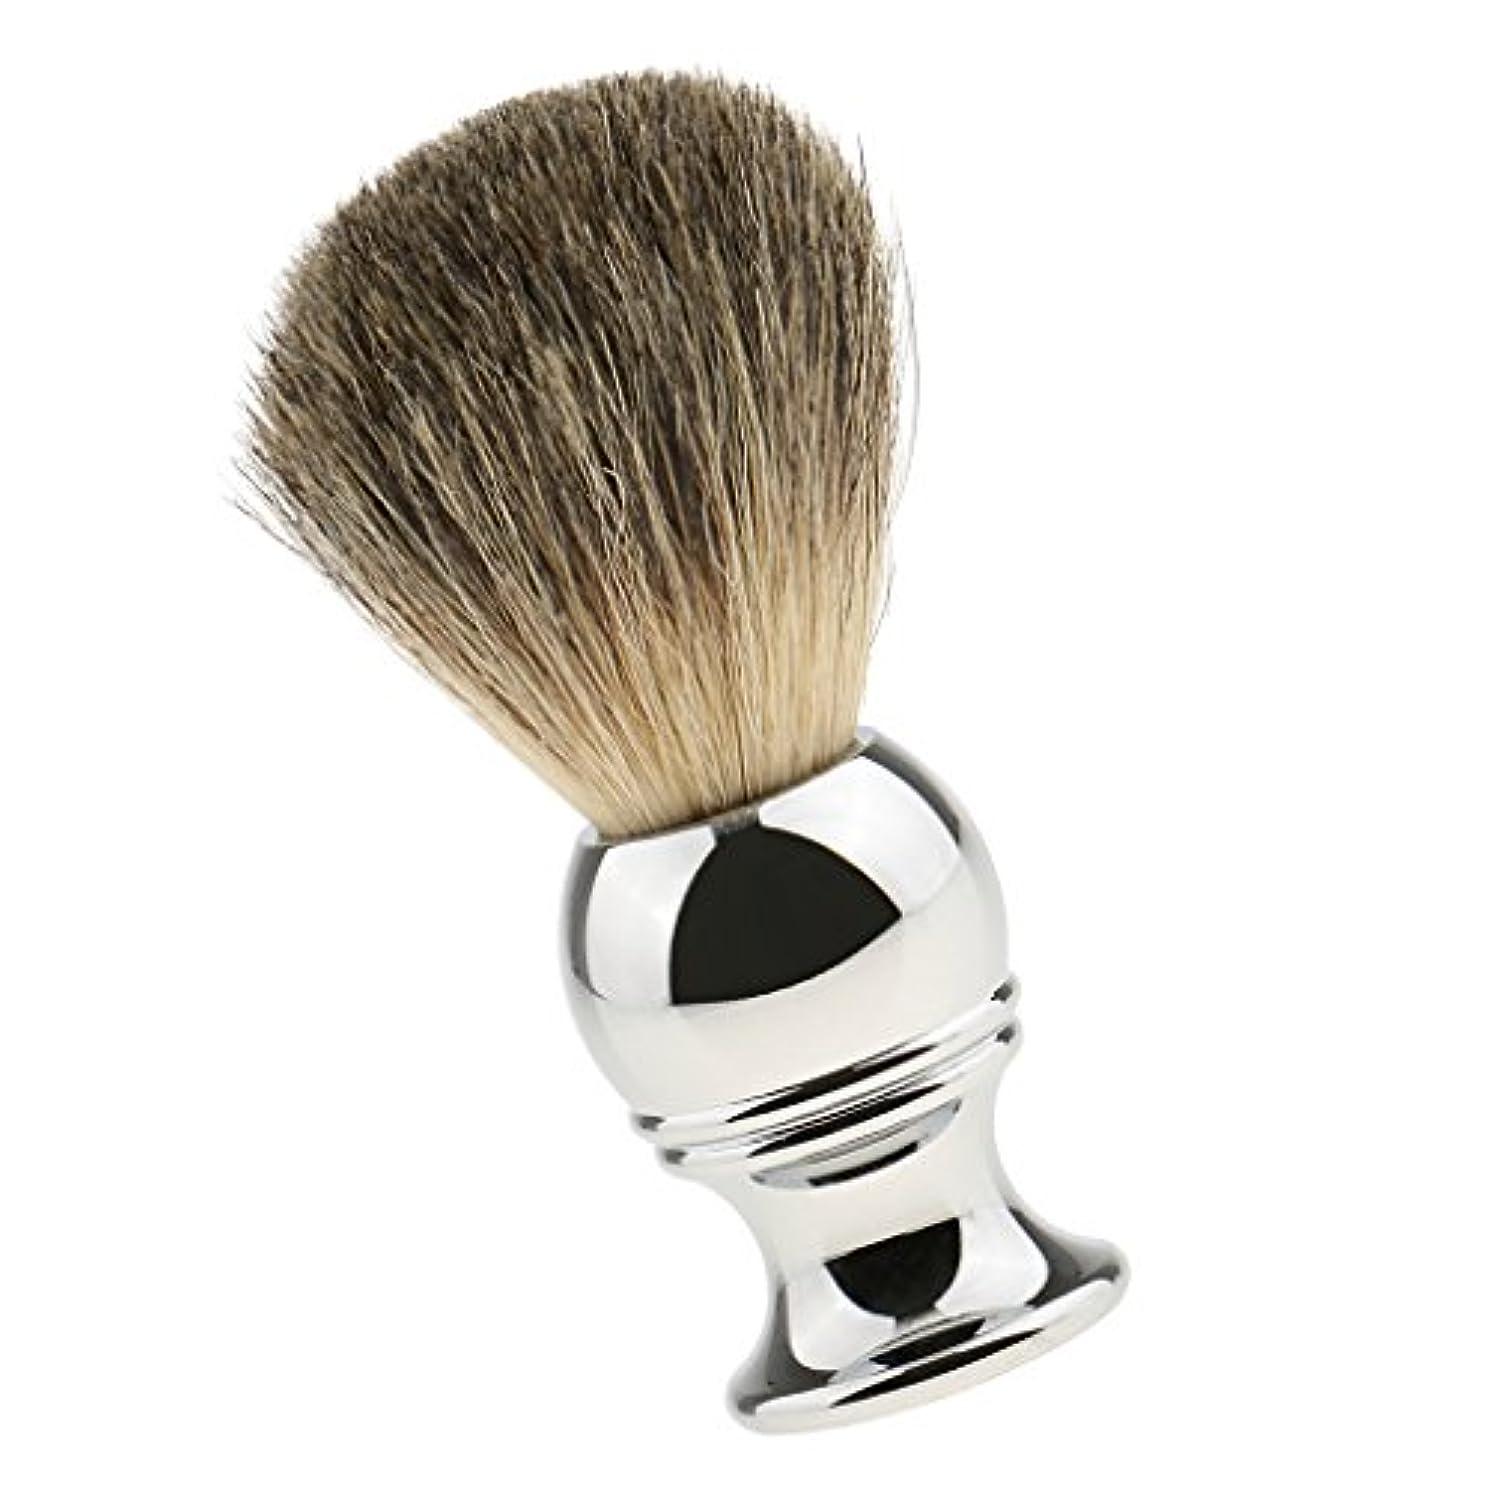 ダーベビルのテス船バナナKesoto 男性用 高品質 高密度 シェービングブラシ ロングハンドル 髭剃り 洗顔 ブラシ シェーブツール